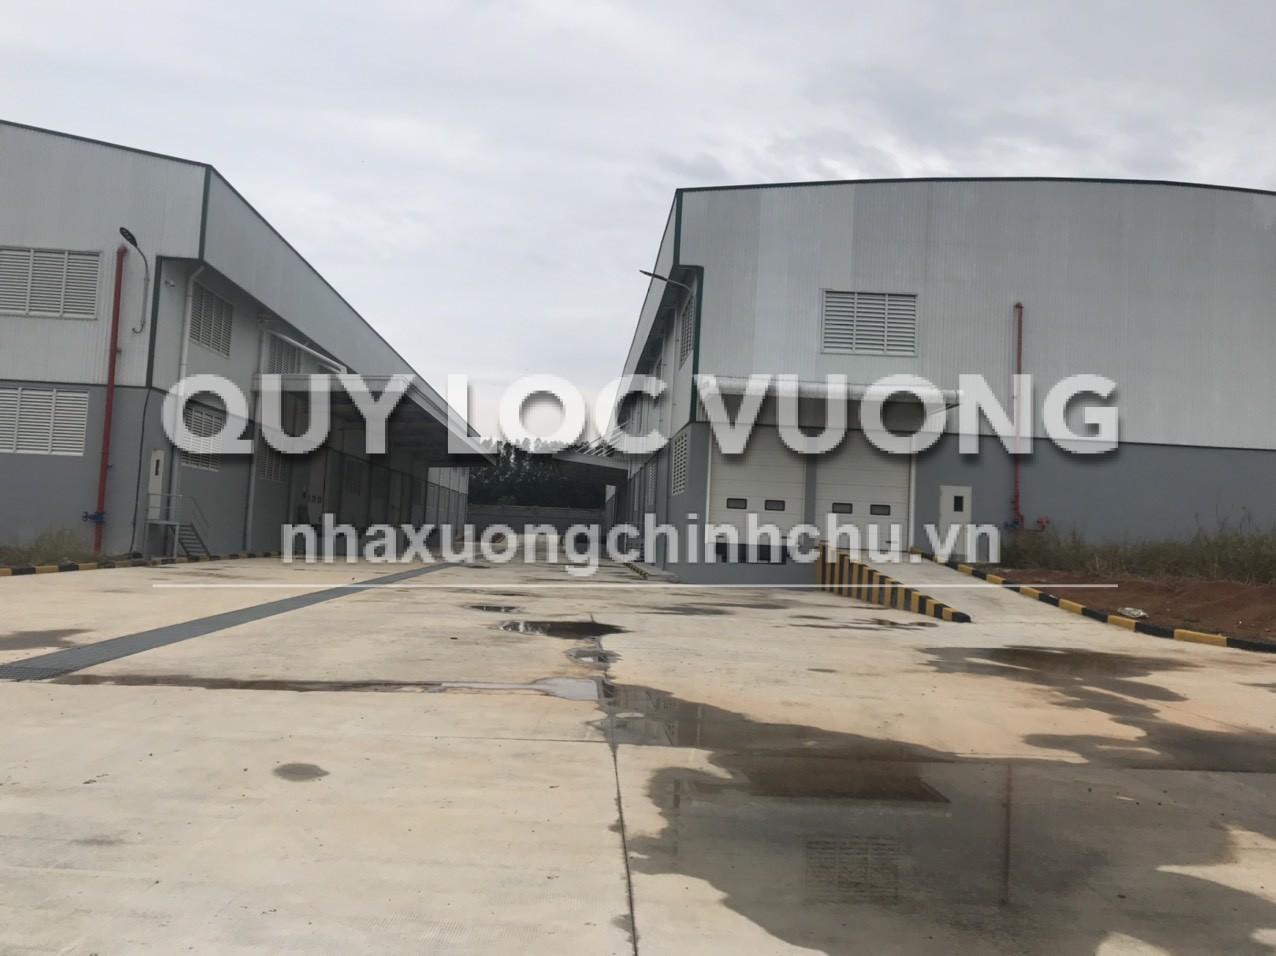 Bán đất và xưởng khuôn viên 50.000m2 trong KCN VSIP 2 mở rộng Tân Uyên